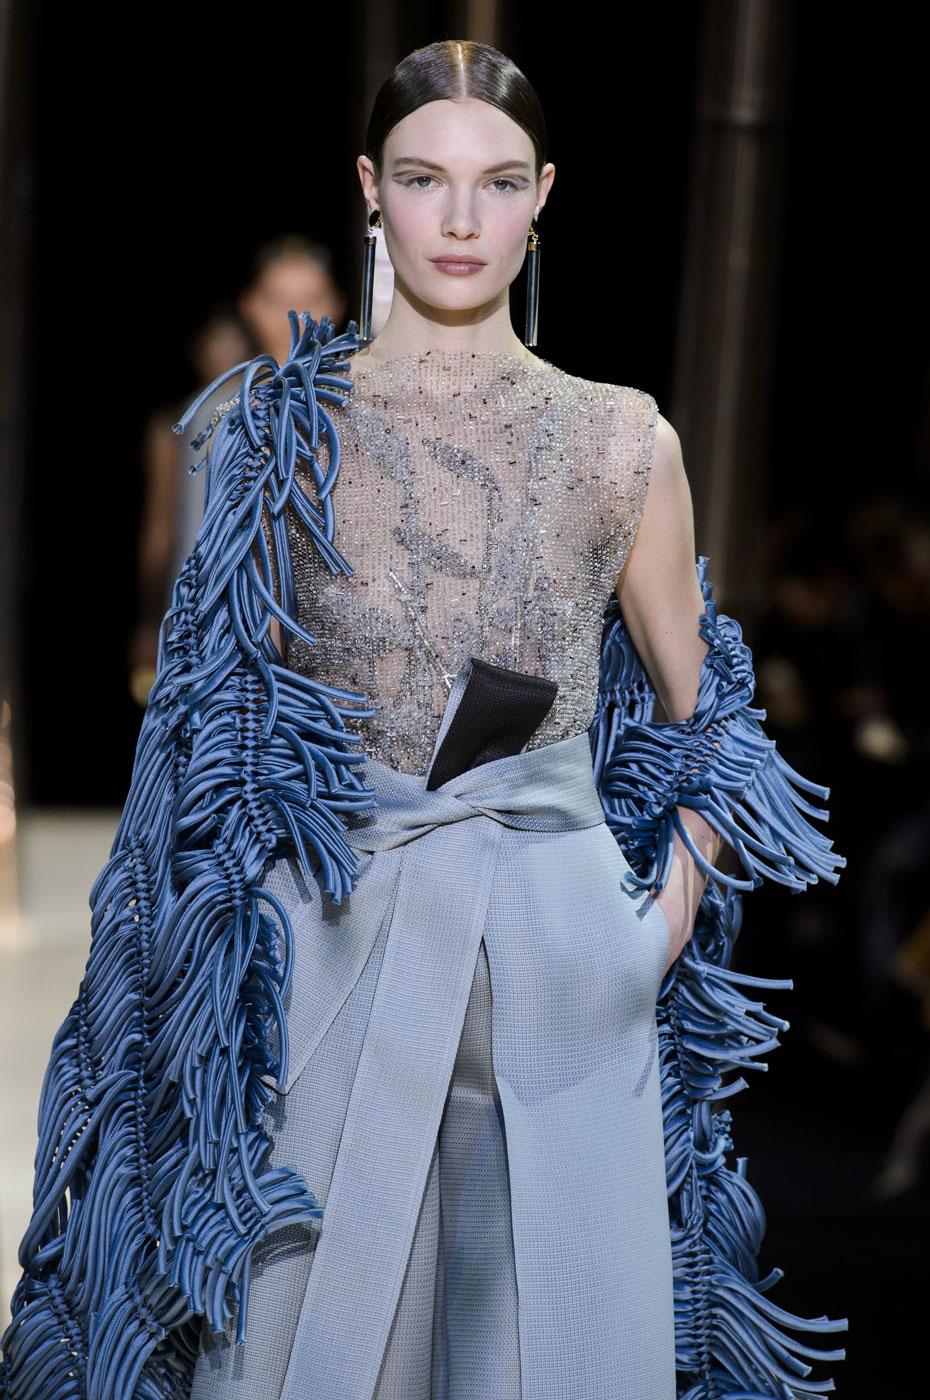 Giorgio-armani-Prive-fashion-runway-show-haute-couture-paris-spring-2015-the-impression-050